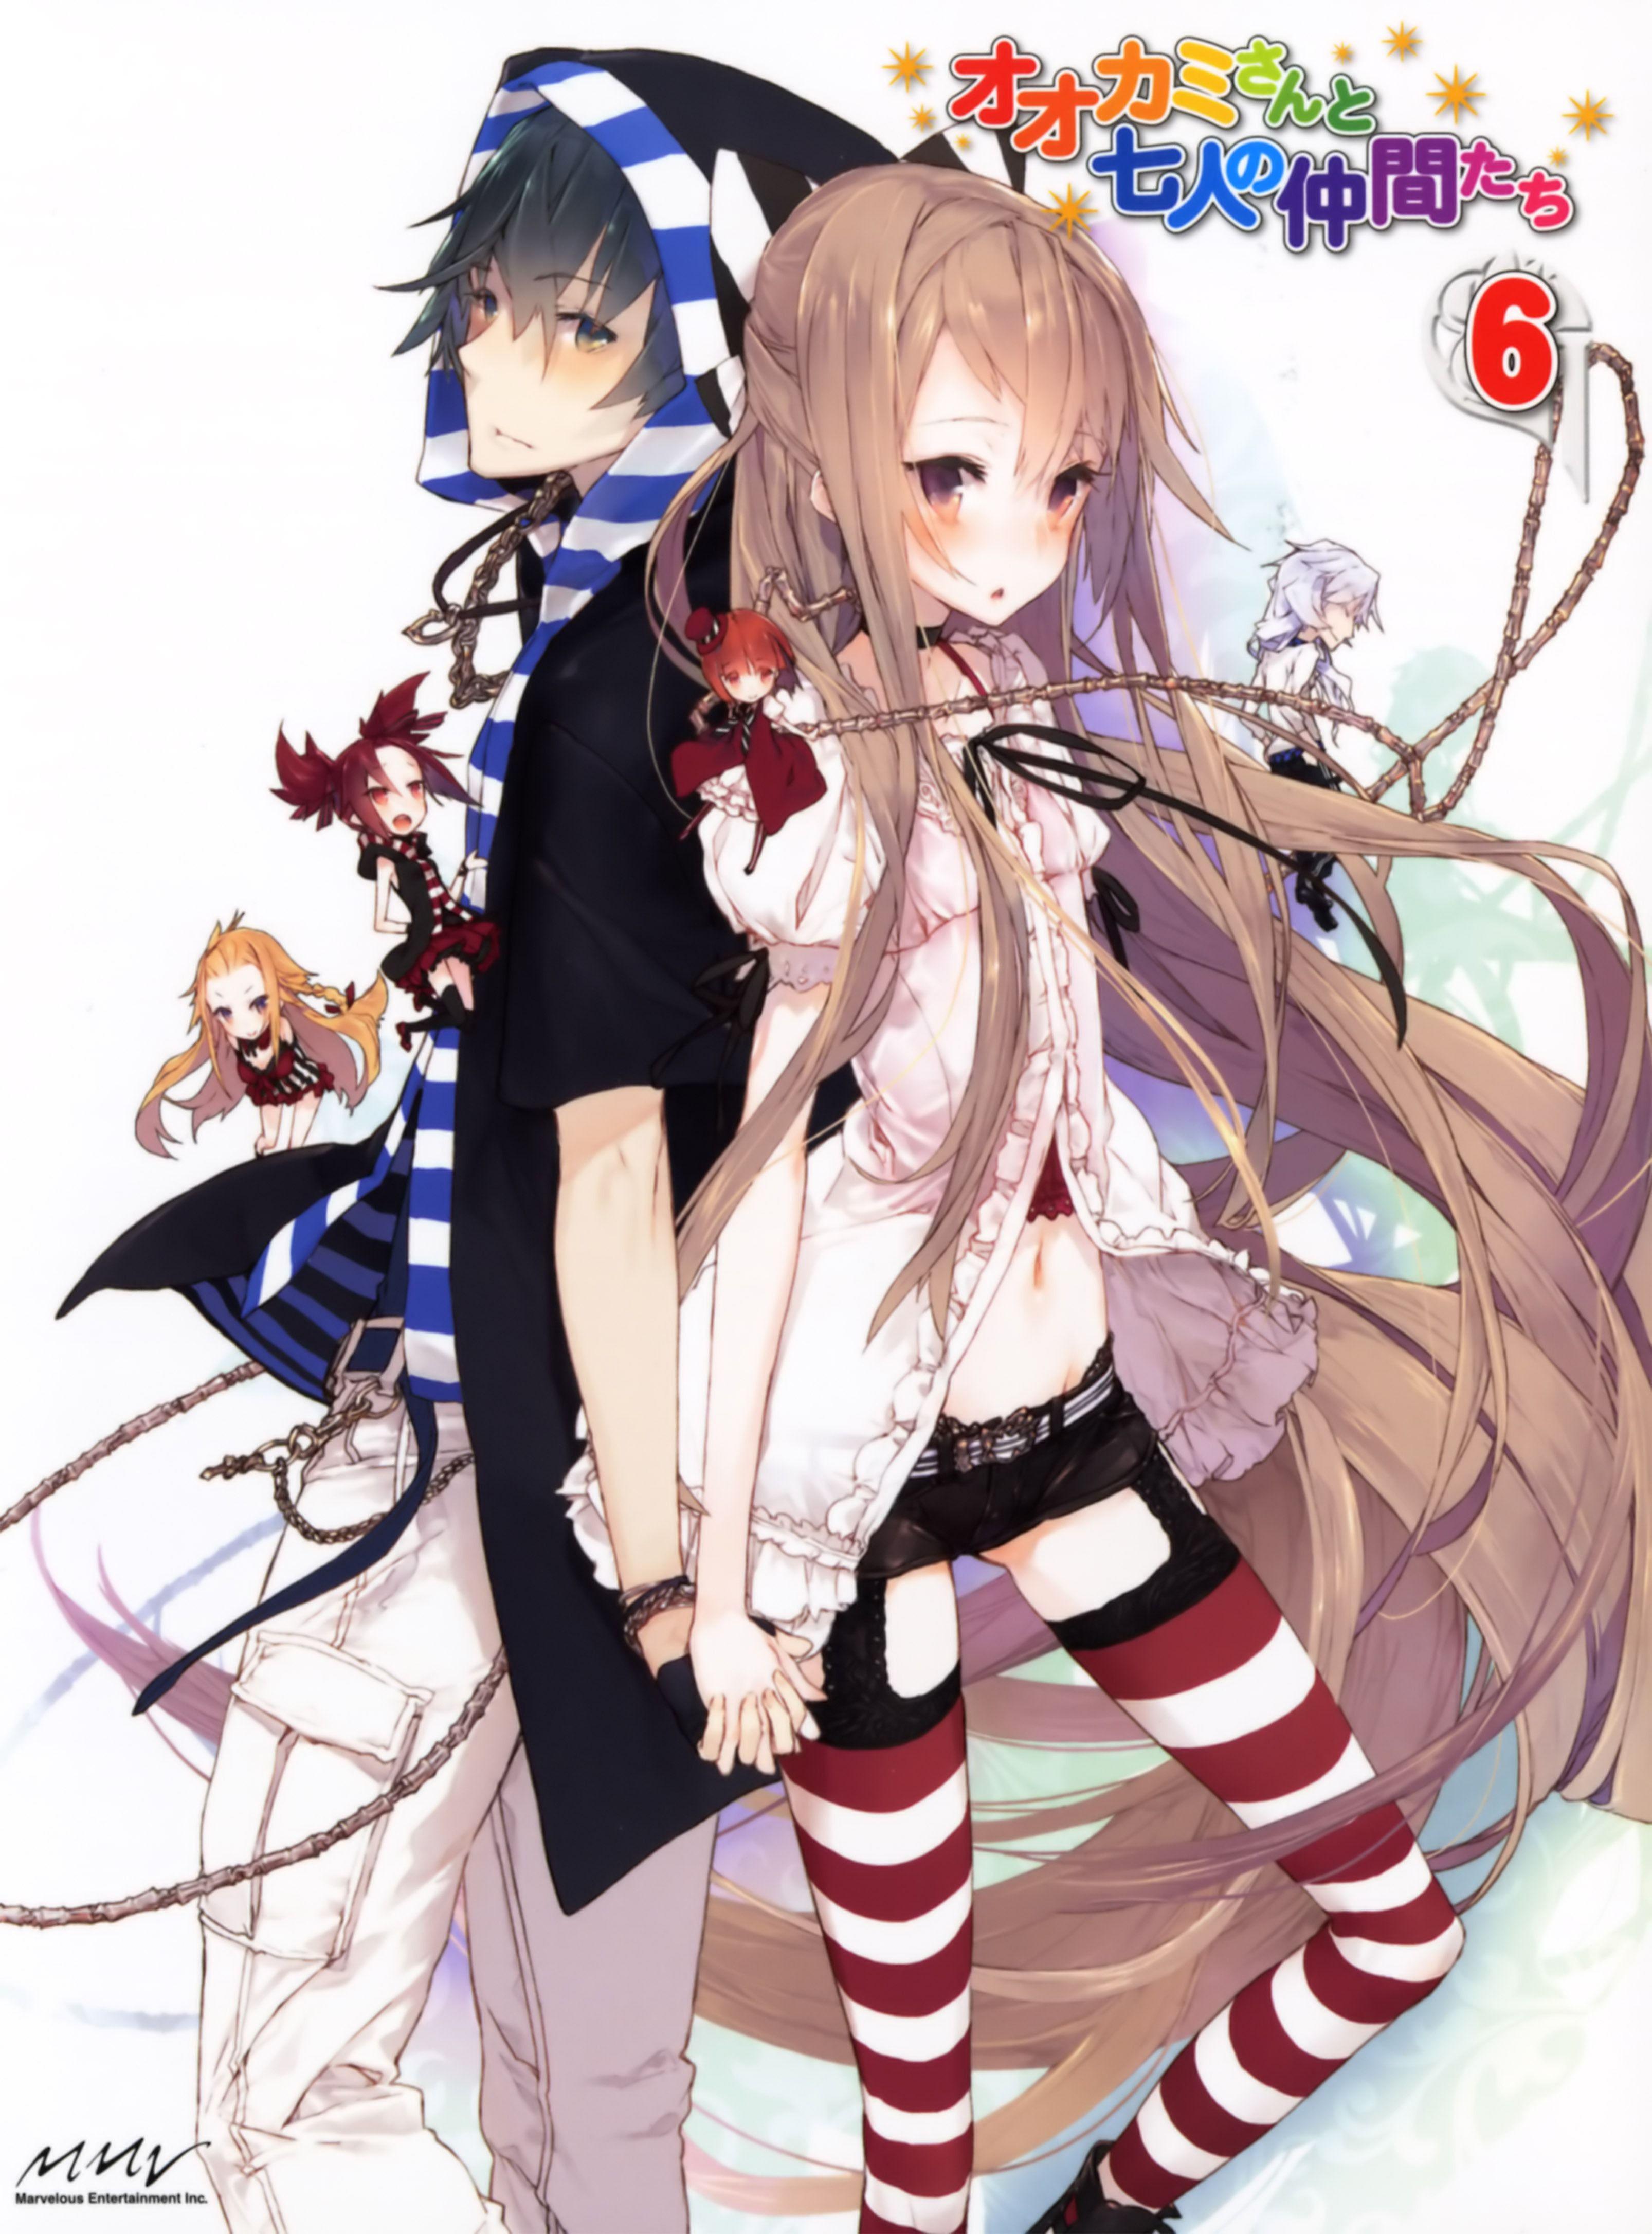 Okamisan and her seven companions manga